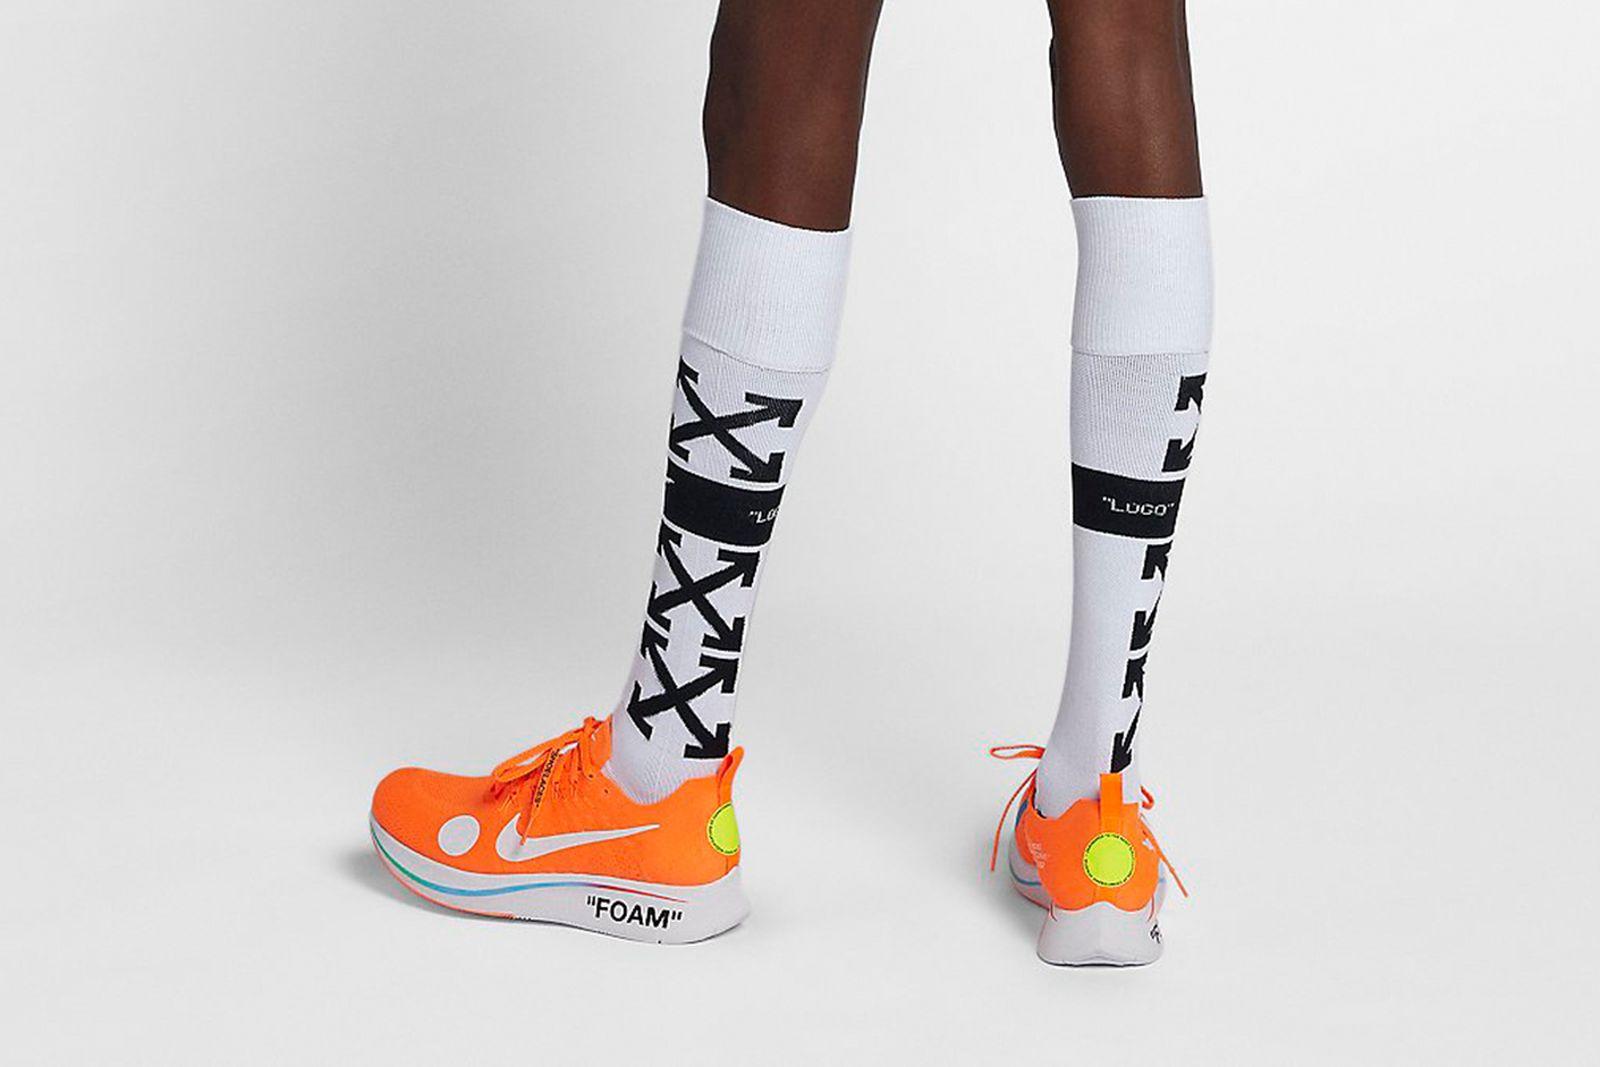 soccer socks white 2018 FIFA World Cup Nike OFF-WHITE c/o Virgil Abloh